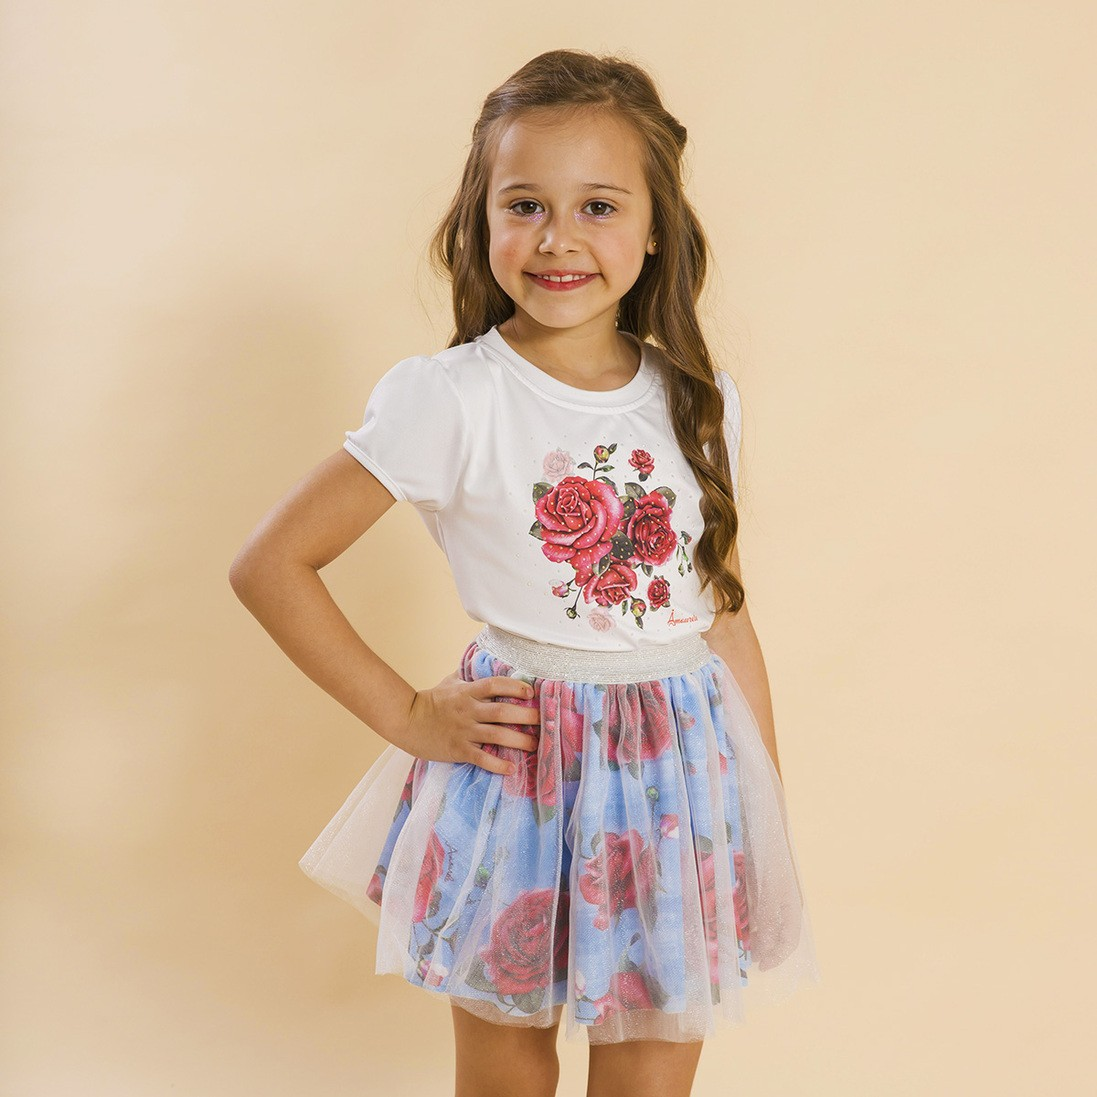 BAZAR - Conjunto Infantil Blusa e Saia Bailarina Rosas Azul